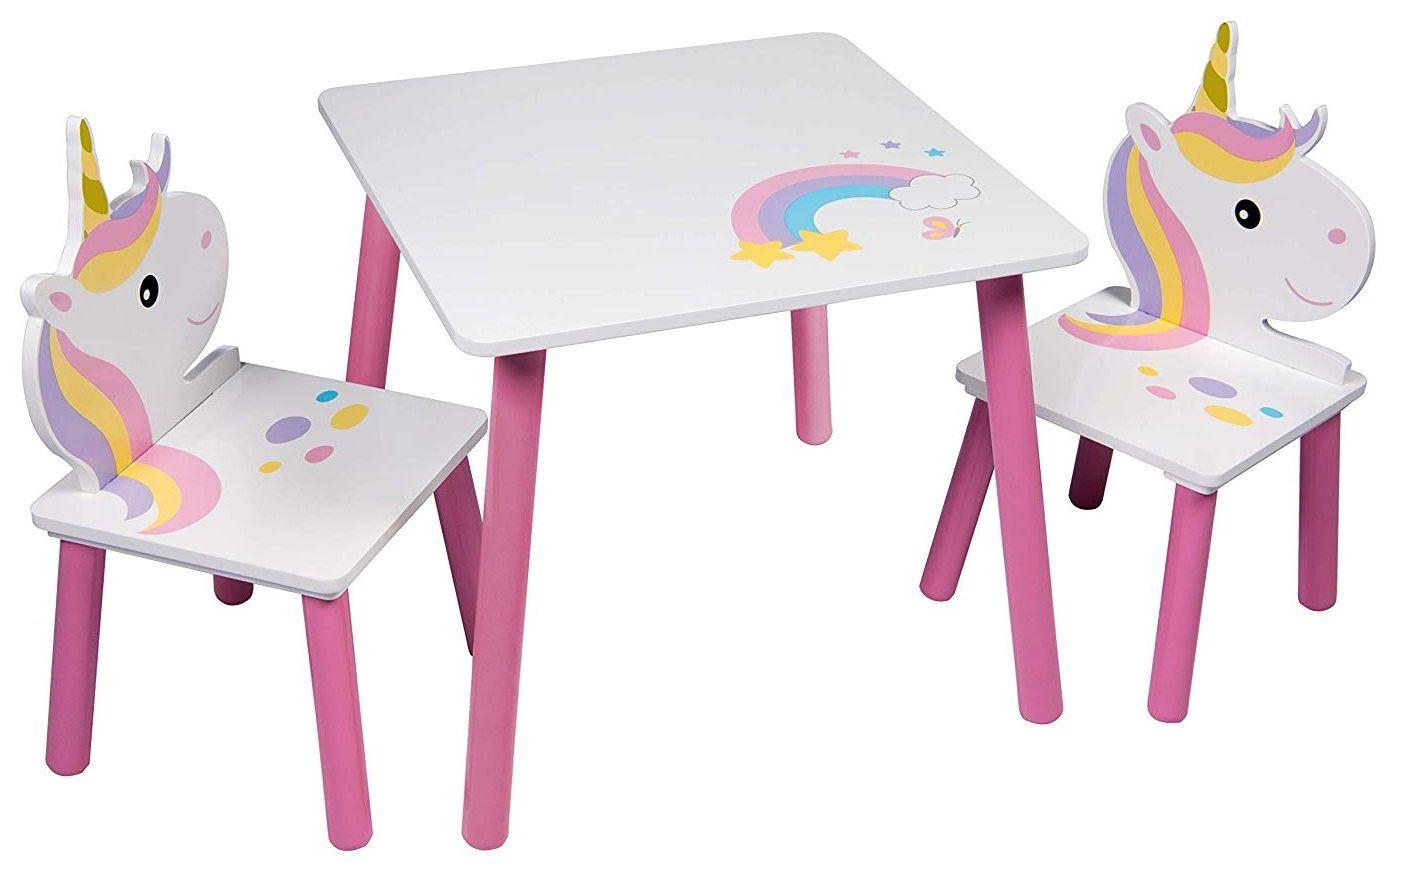 Jednorożec Drewniany Stolik I 2 Krzesełka Dla Dzieci Unicorn